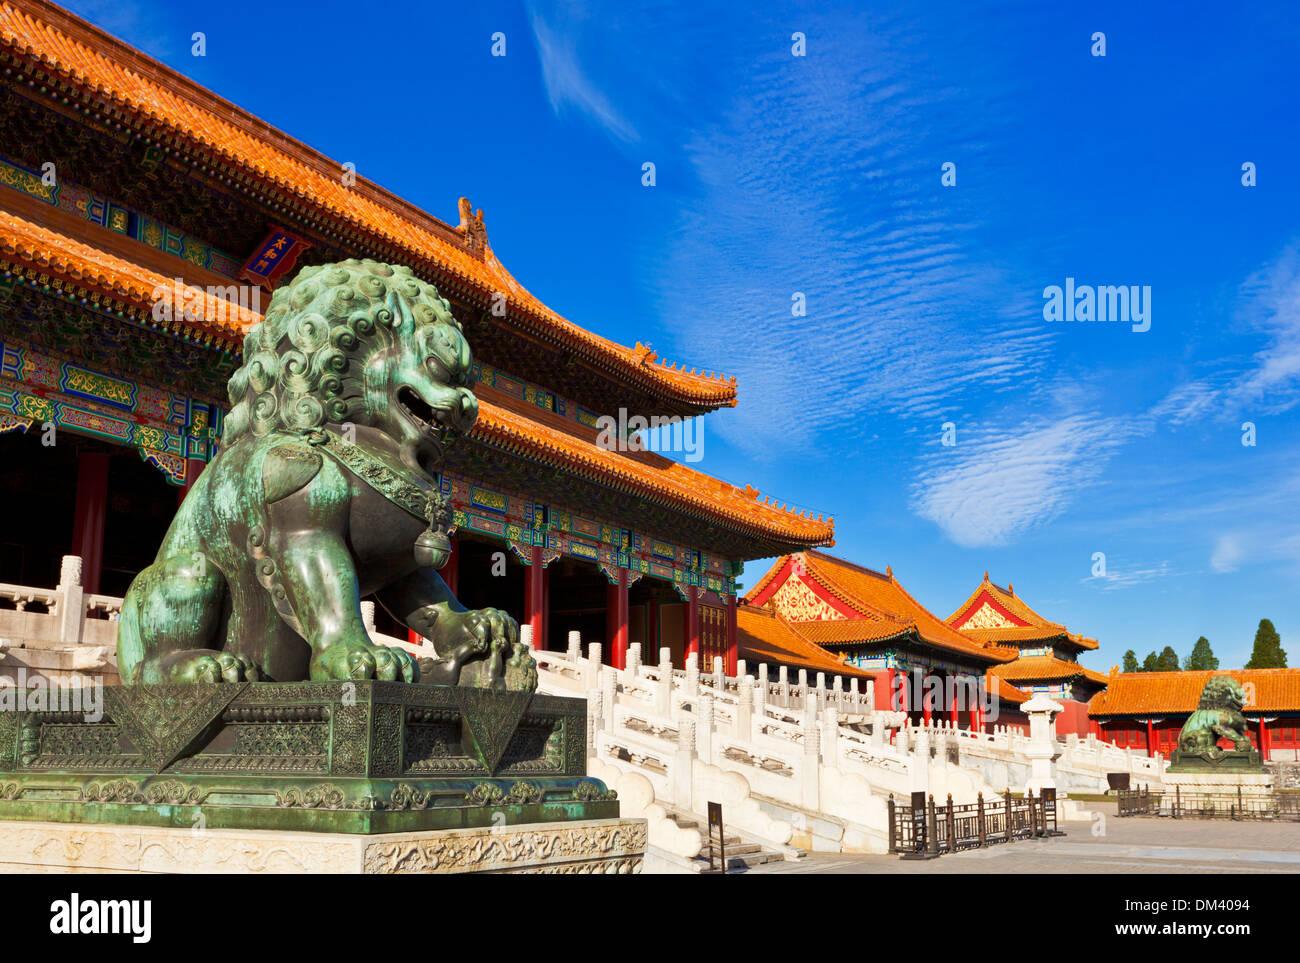 Löwe aus Bronze vor das Tor der höchsten Harmonie, äußeren Gericht, Verbotene Stadt, Peking, Volksrepublik China, Asien Stockbild